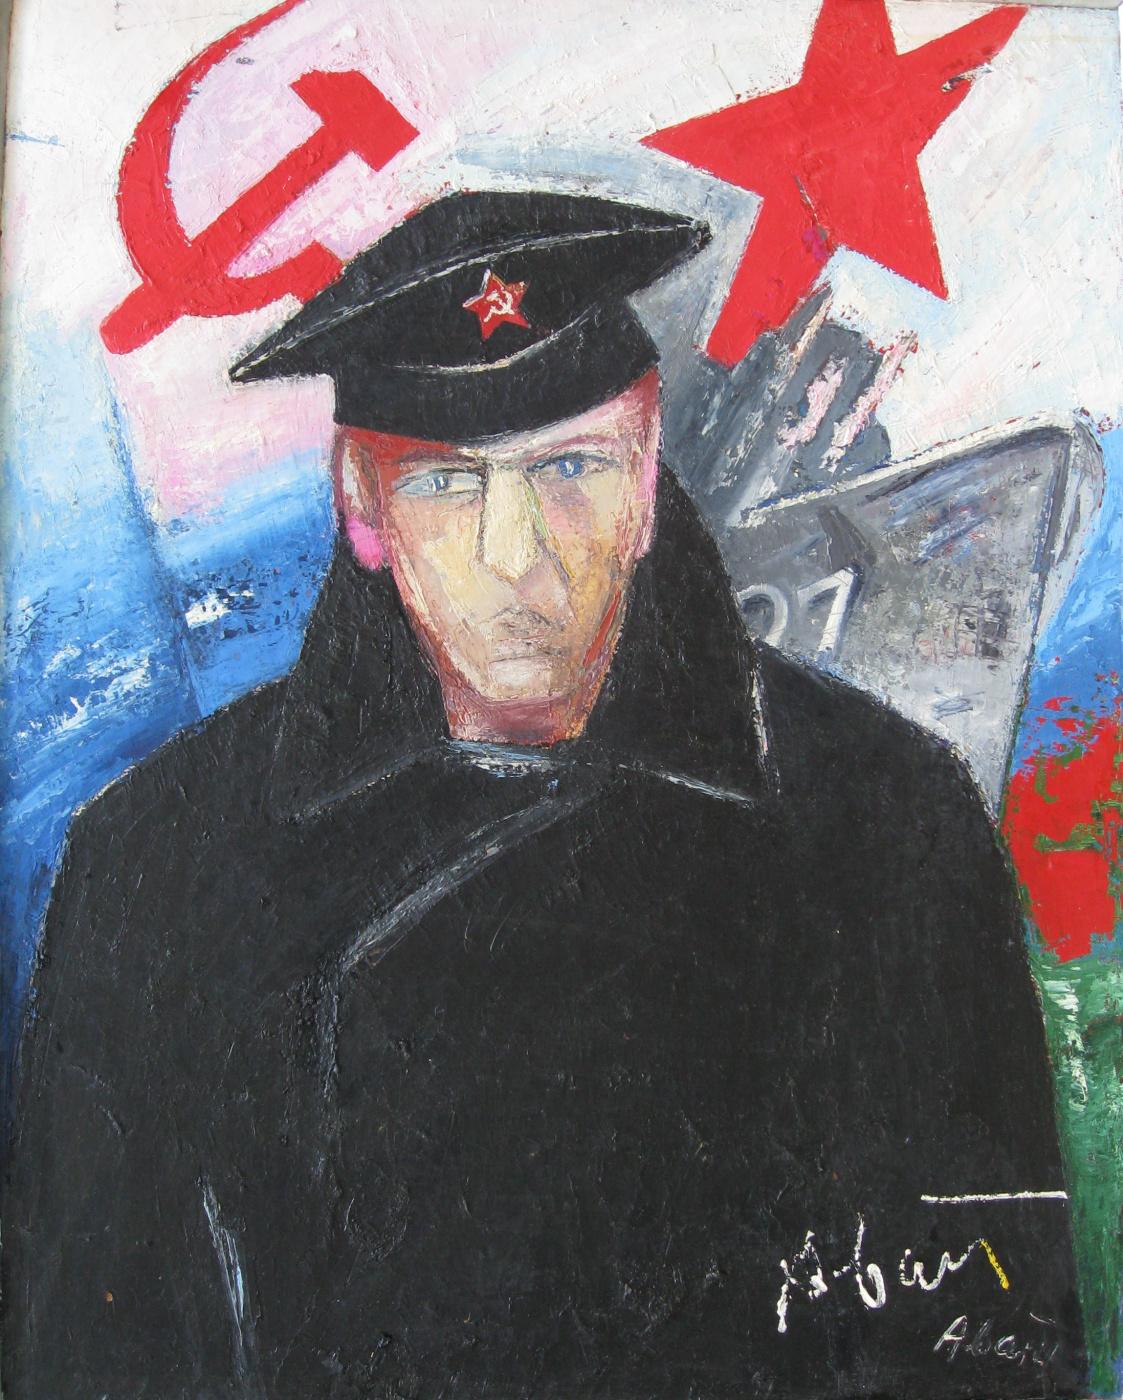 Yuri Vasilyevich Kozyrev (Avant). Self-portrait